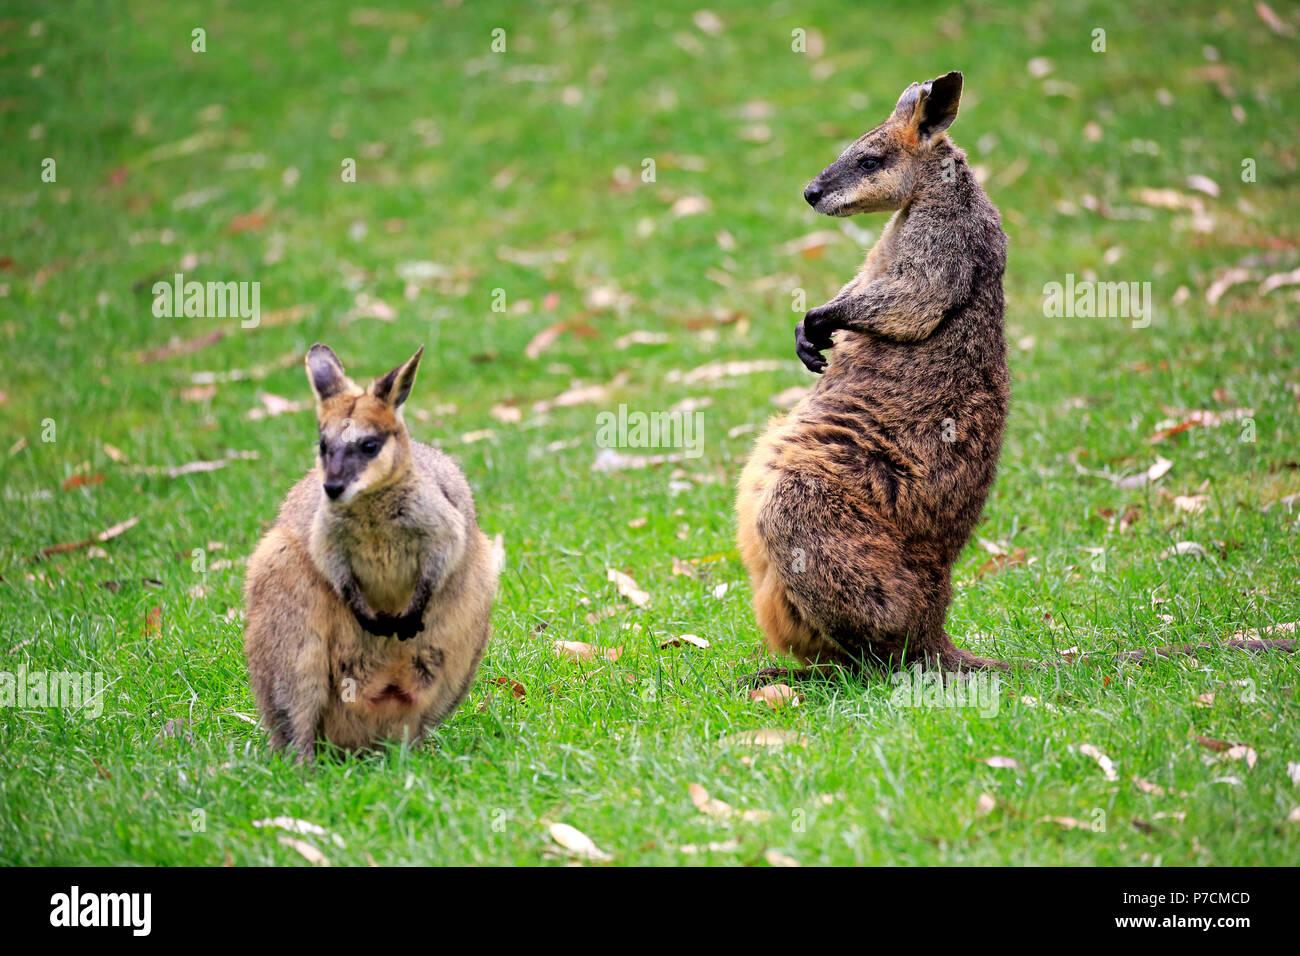 Agile Wallaby, giovane, maschio e femmina, Cuddly Creek, South Australia, Australia (Macropus agilis), Immagini Stock